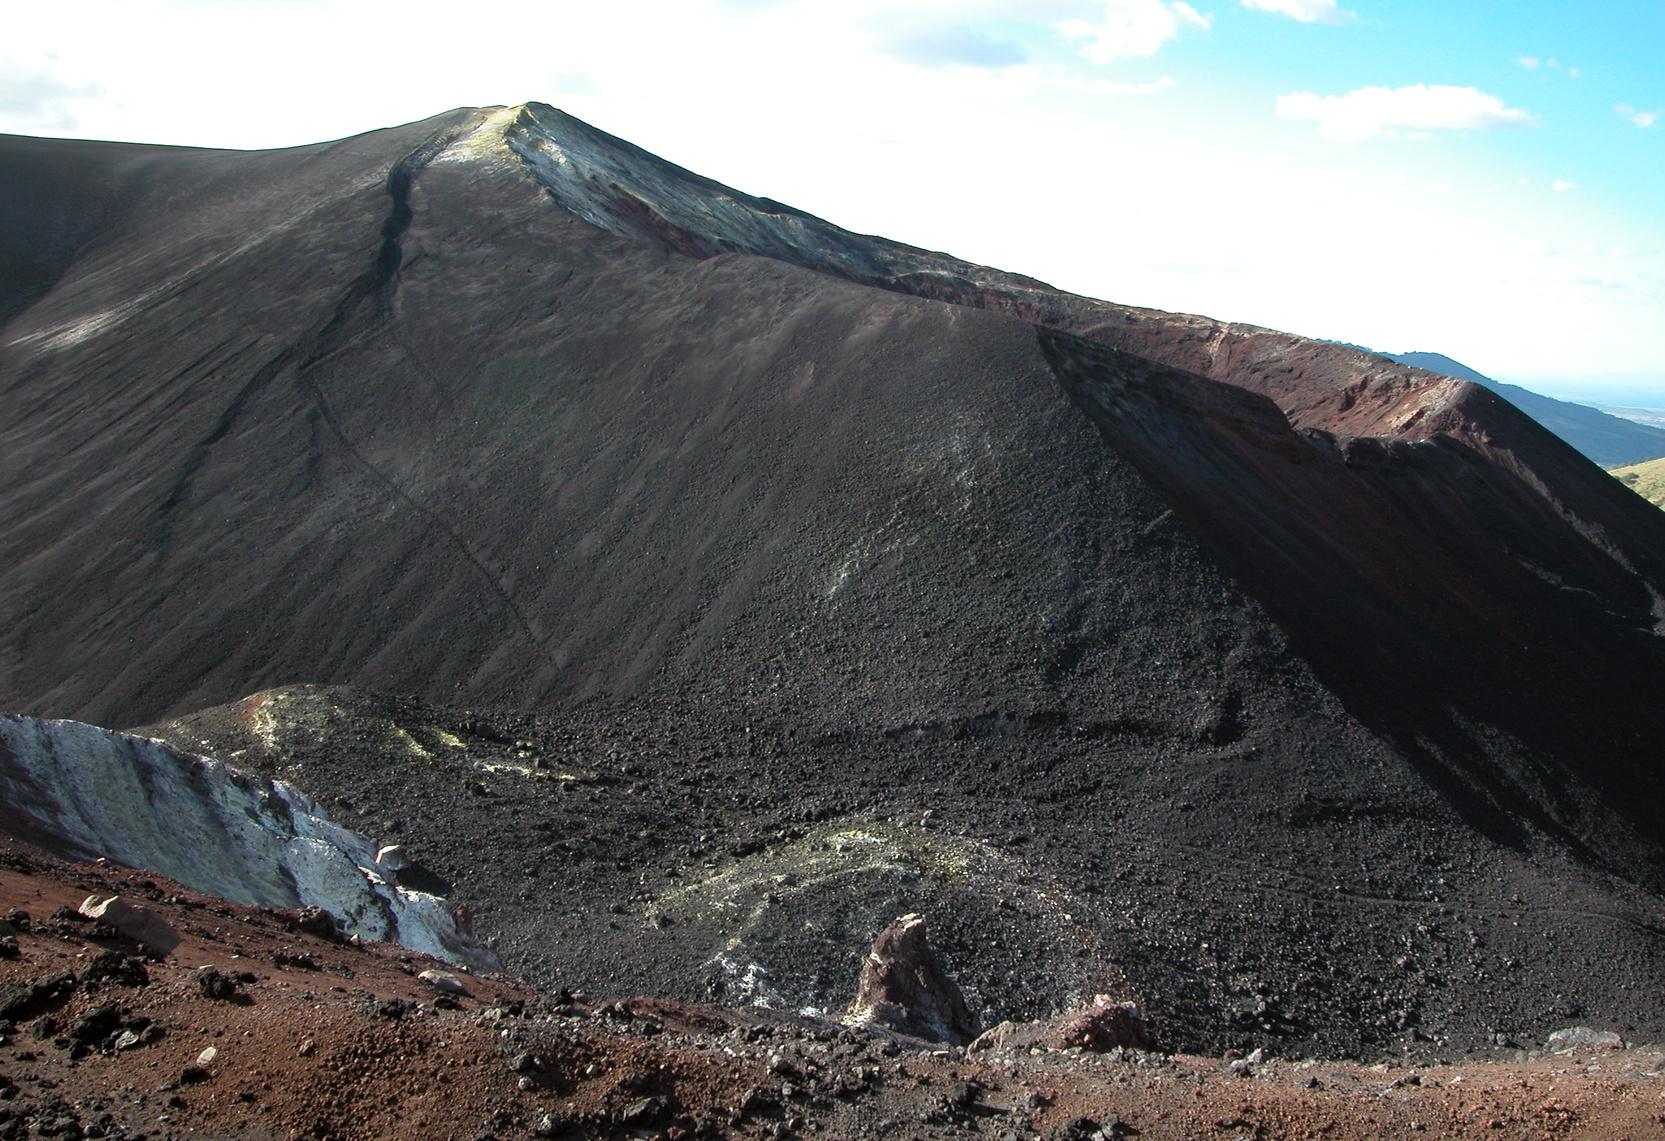 Le volcan Cerro Negro